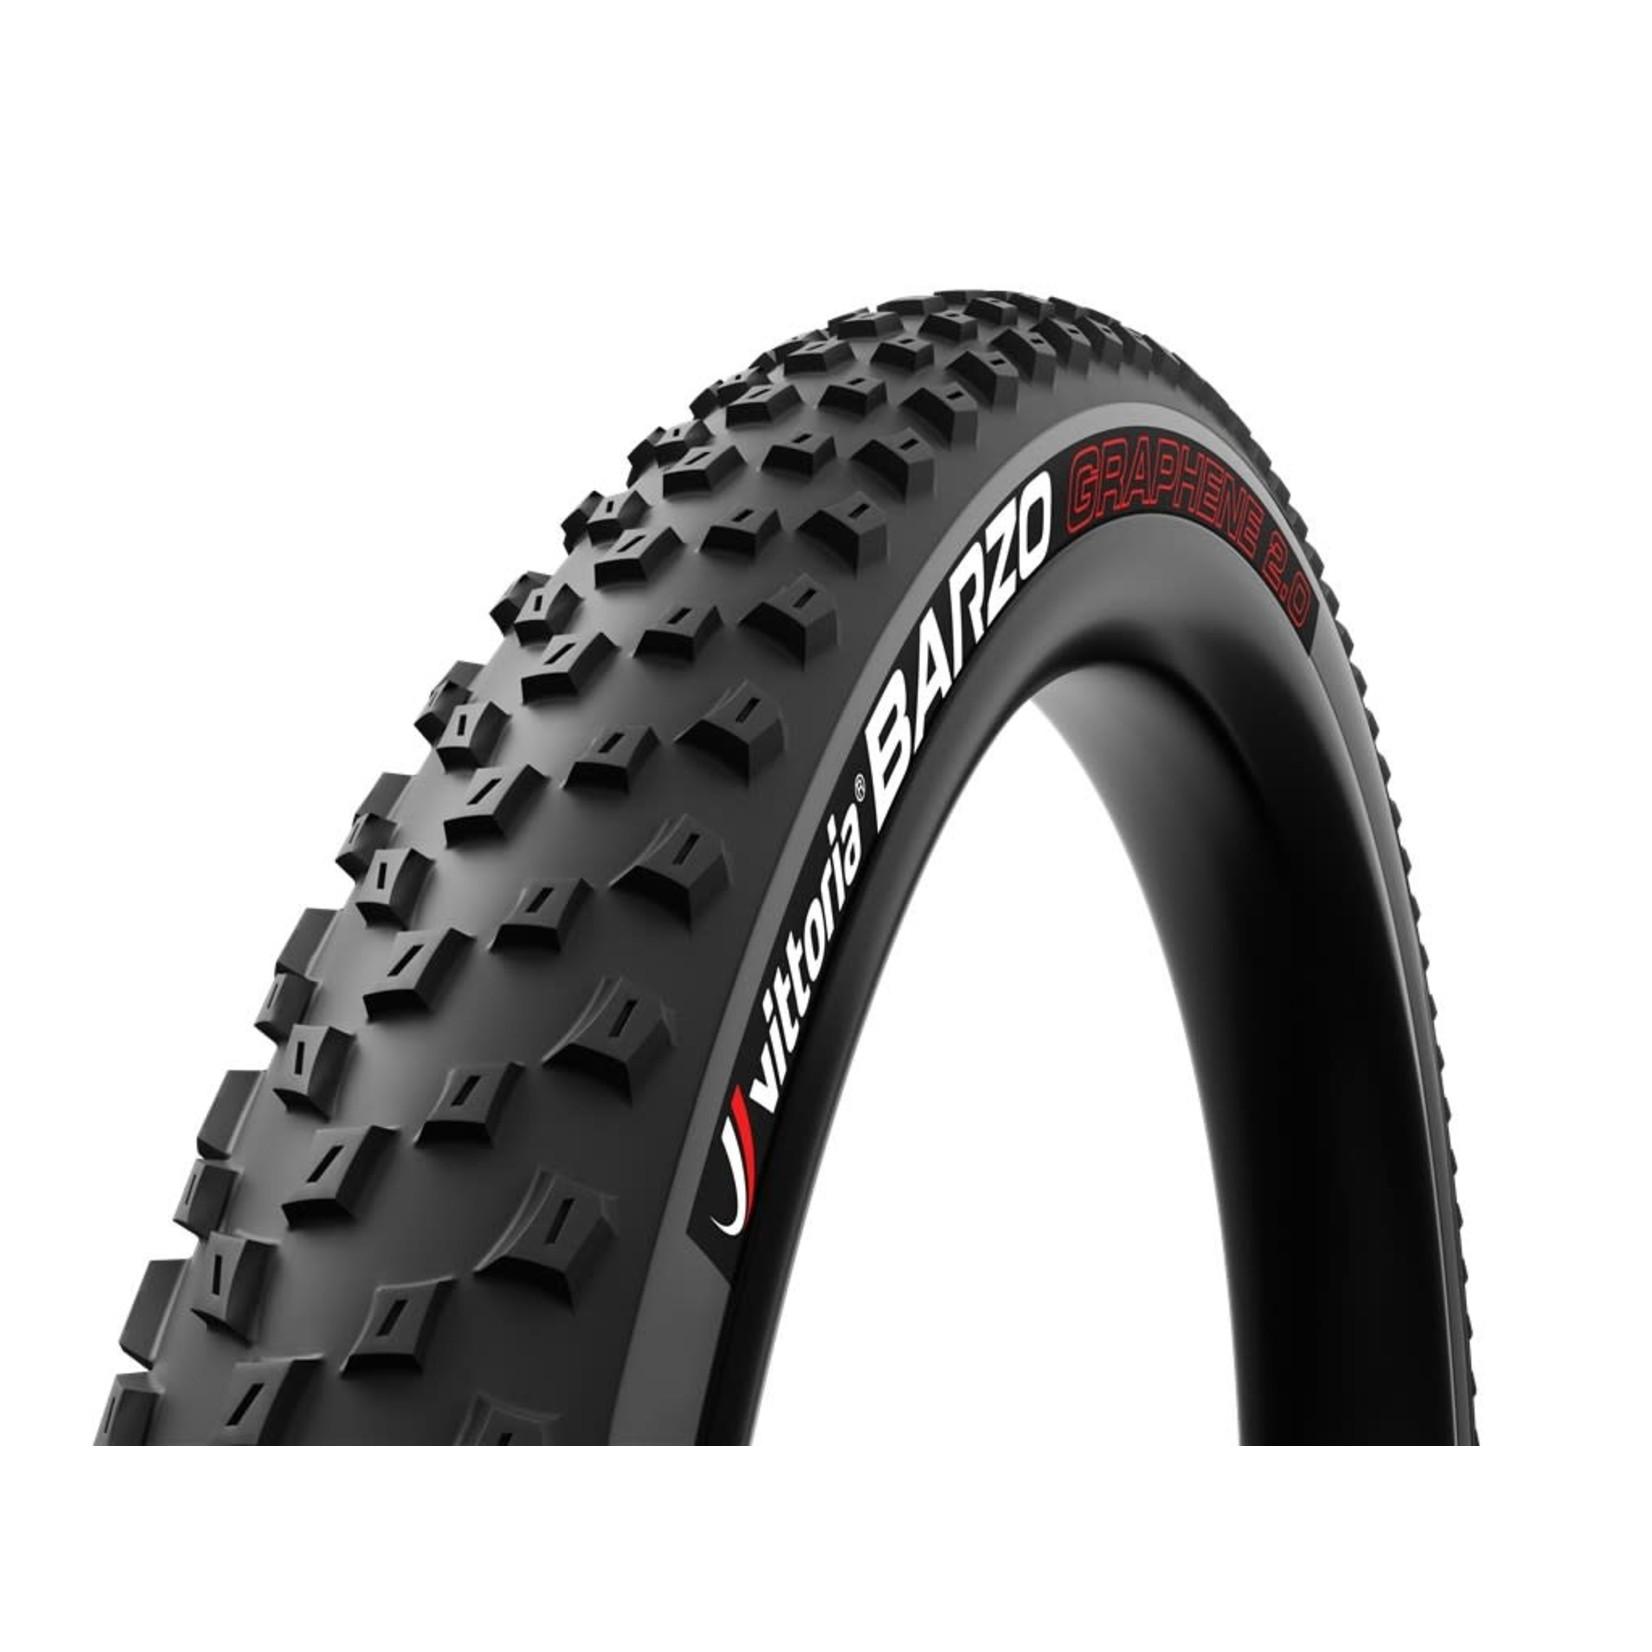 Vittoria Vittoria Barzo 29x2.35 XC Trail Anthracite/Black TNT G2.0